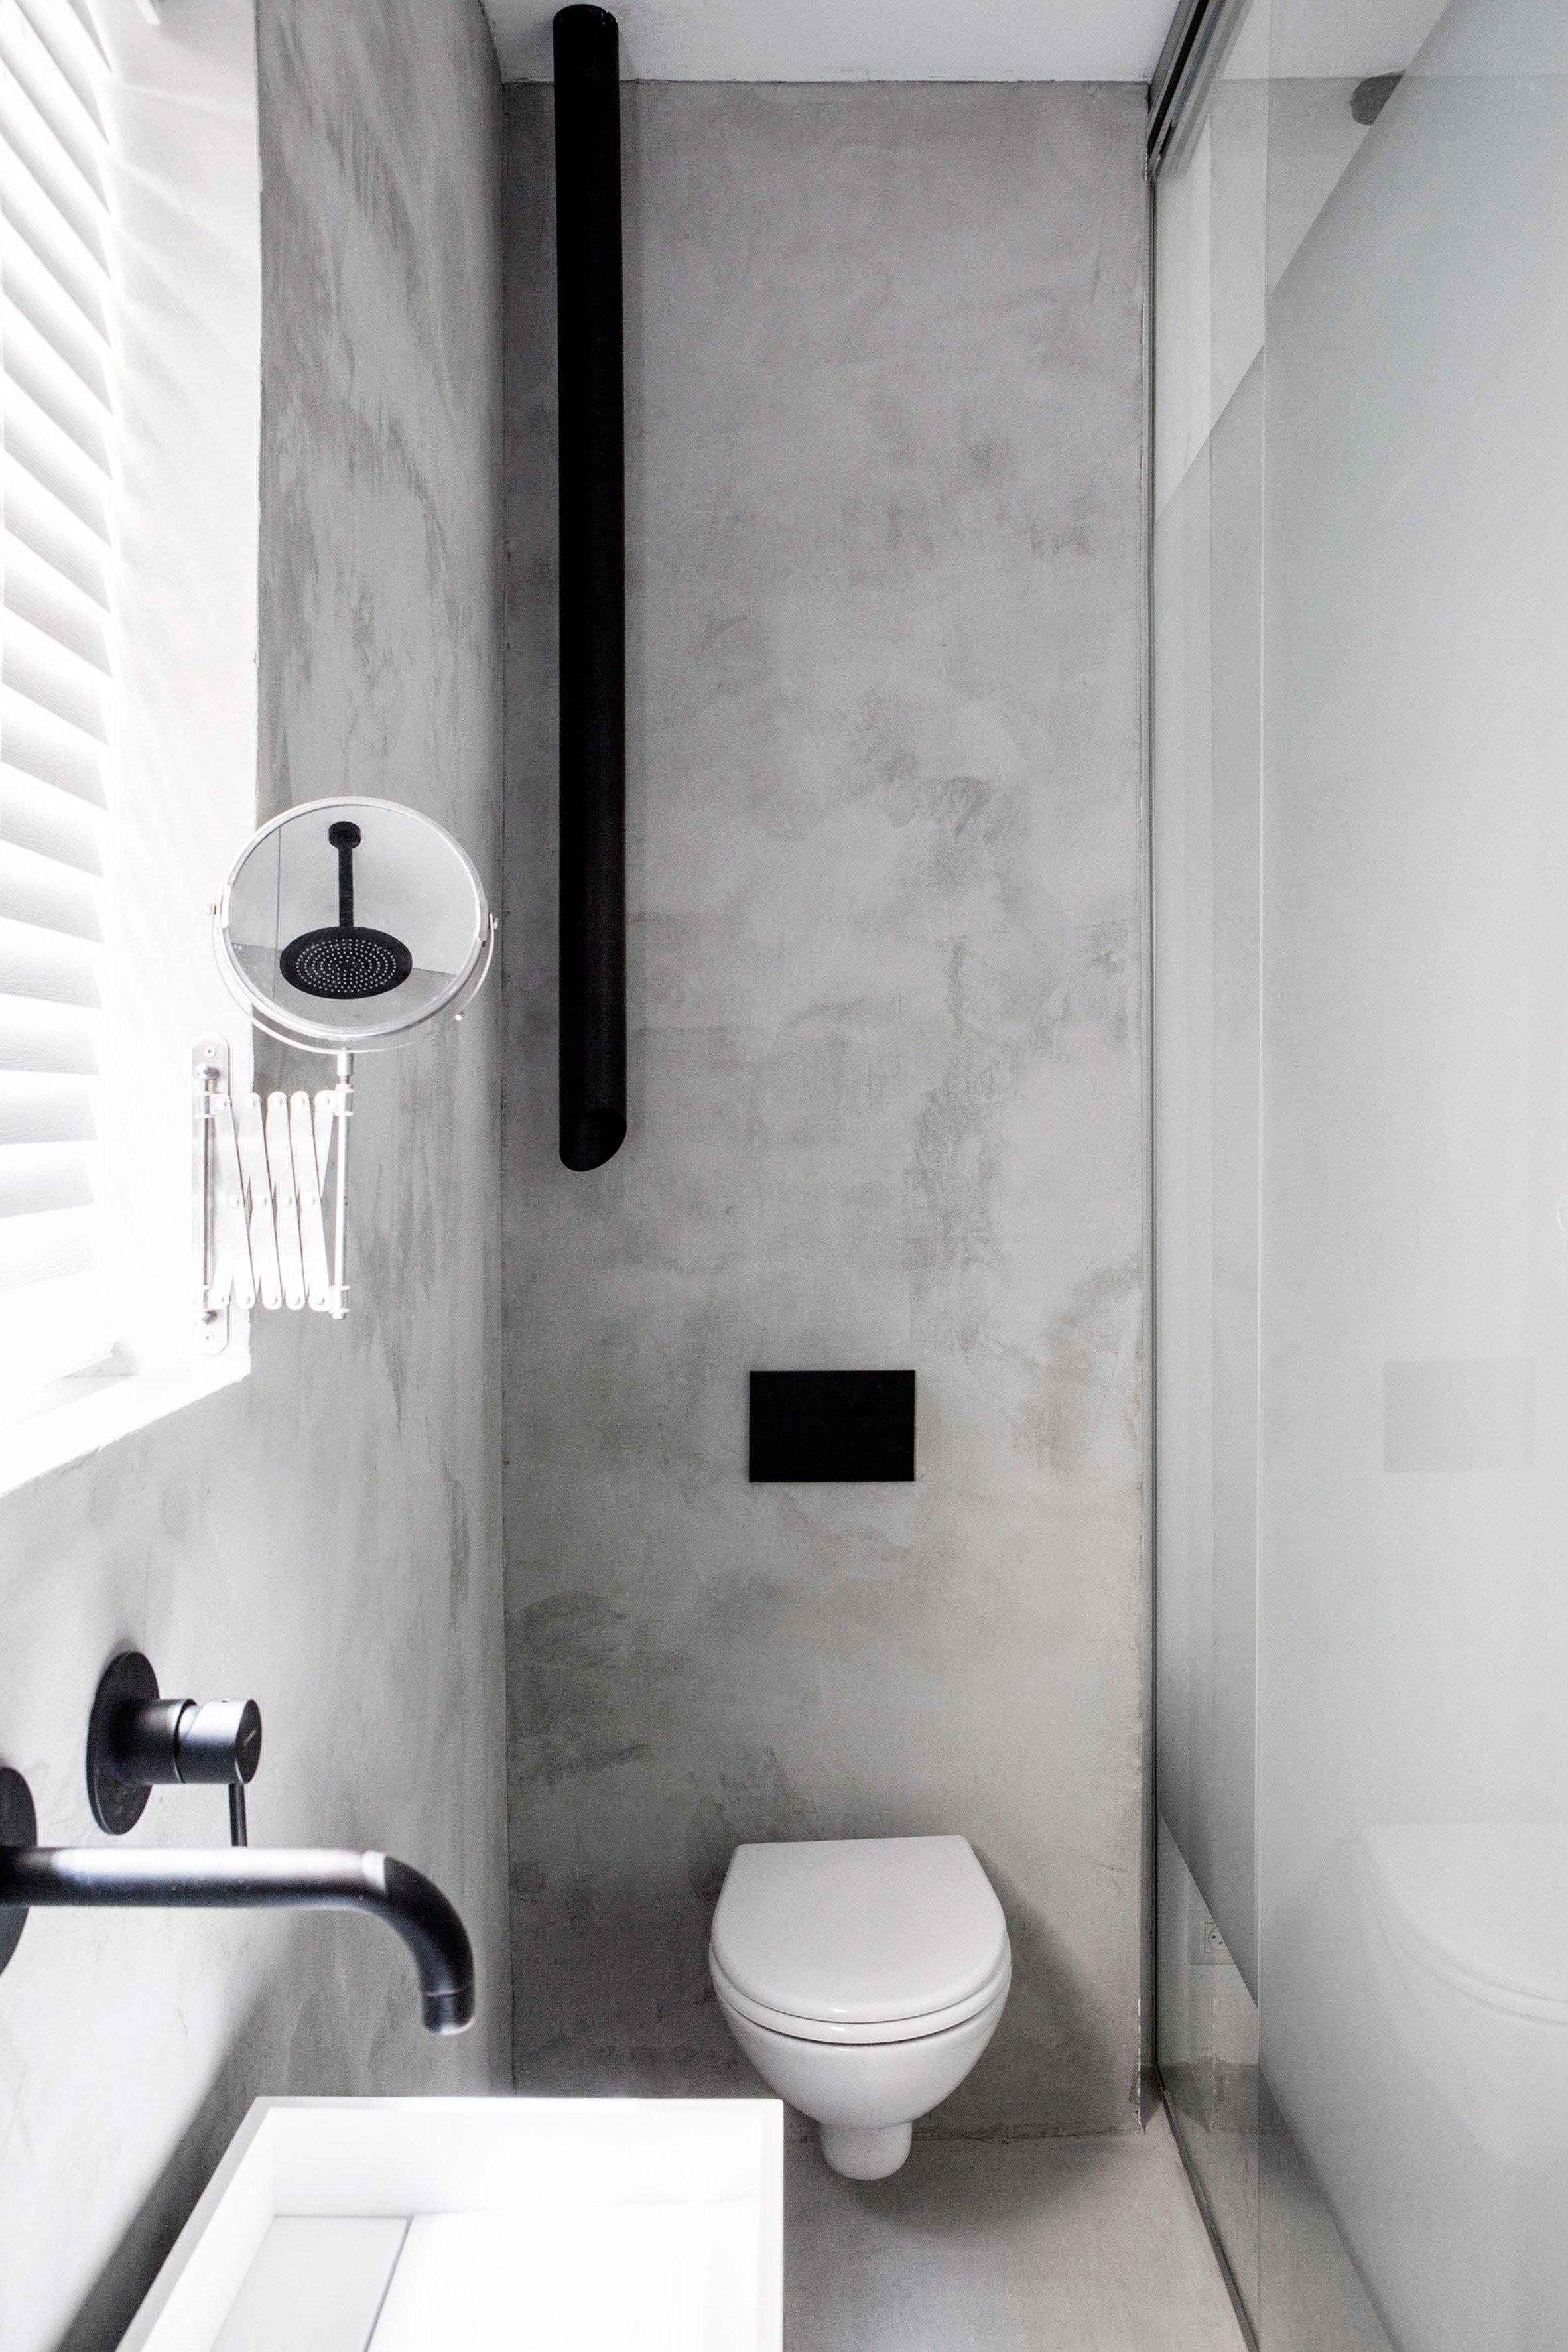 architecture_apartment_minimal_tel-aviv_design_studia_interiors_osnovadesign_osnova_poltava_10